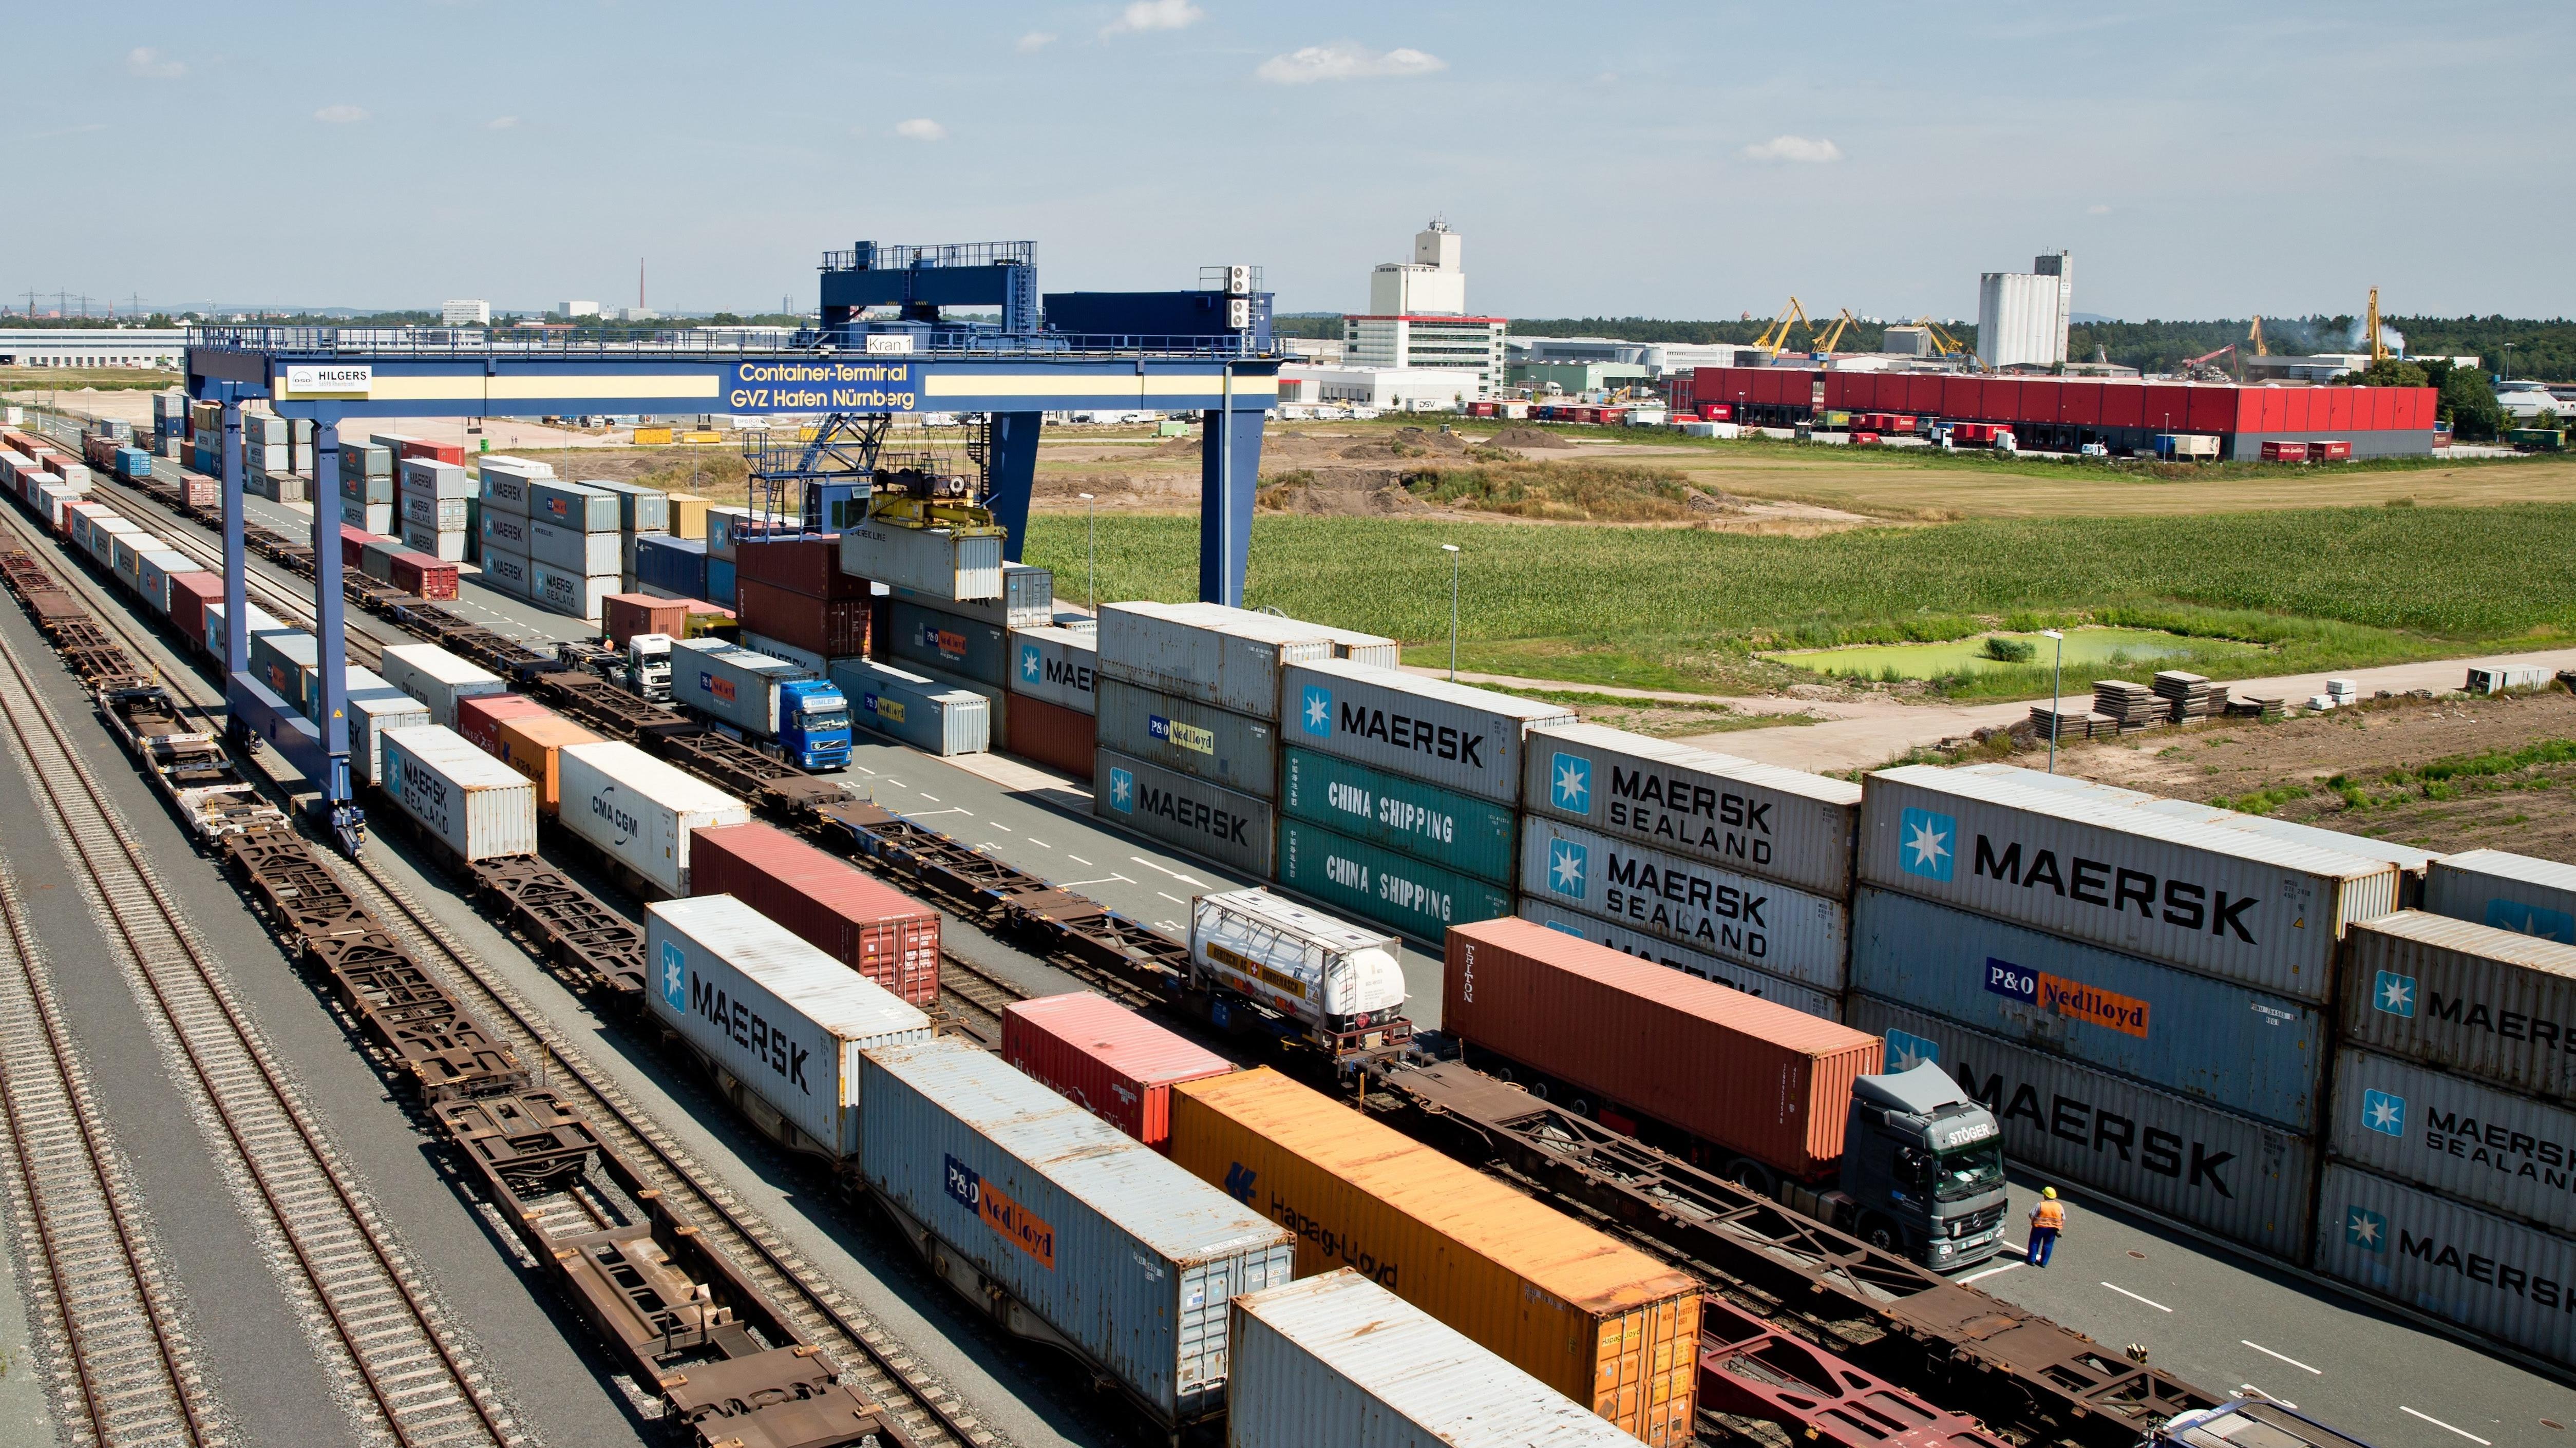 Blick auf den Nürnberger Hafen mit Containerverladestation